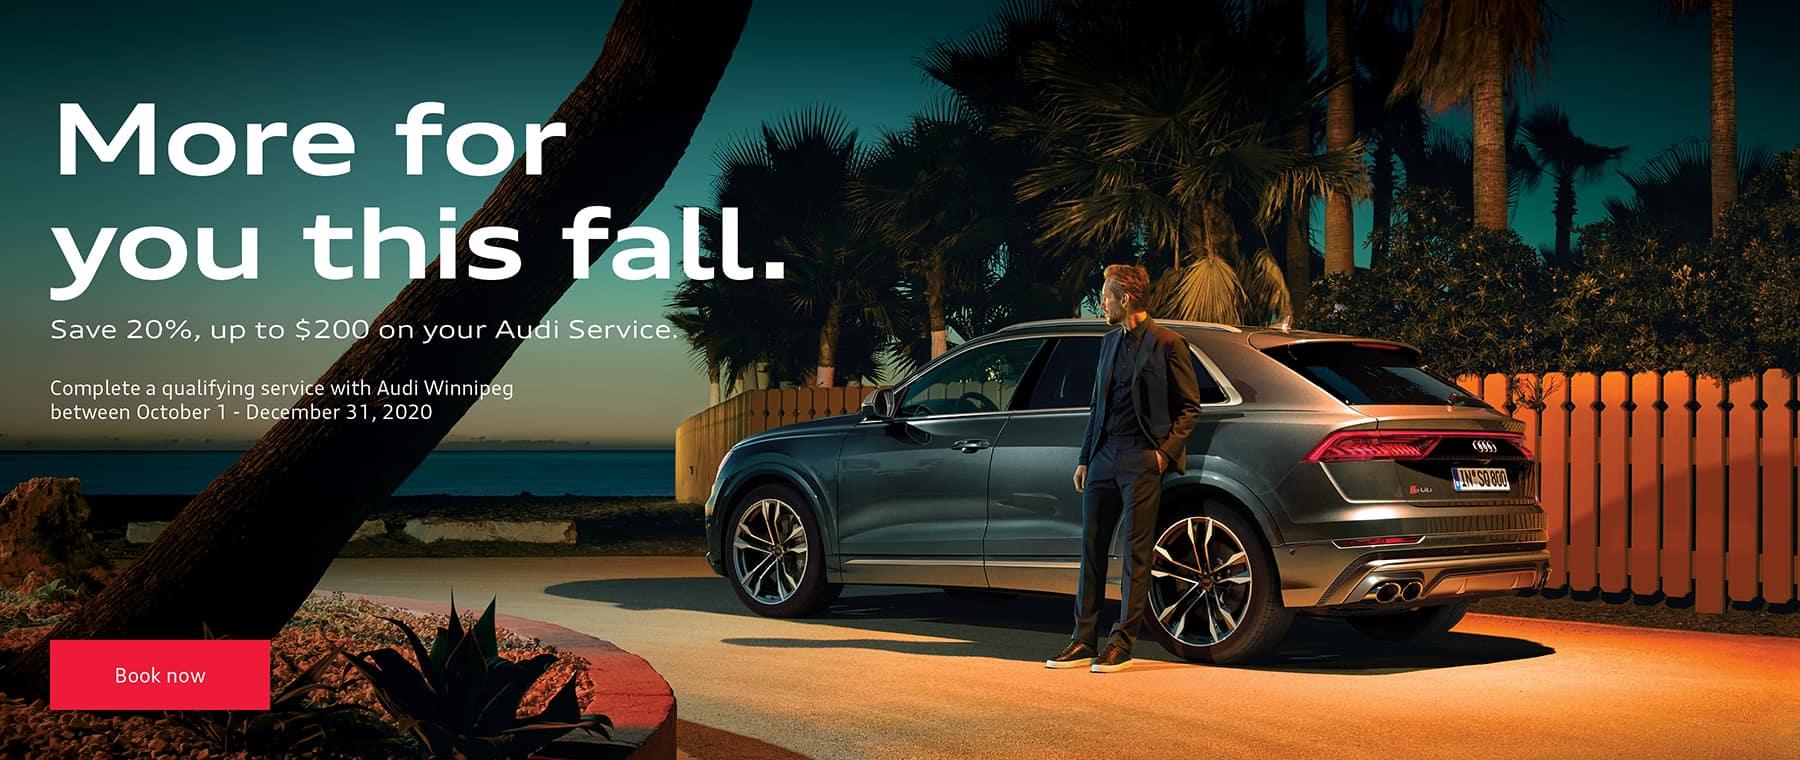 Audi-Wpg-Service-Offer_-_Web-Banner